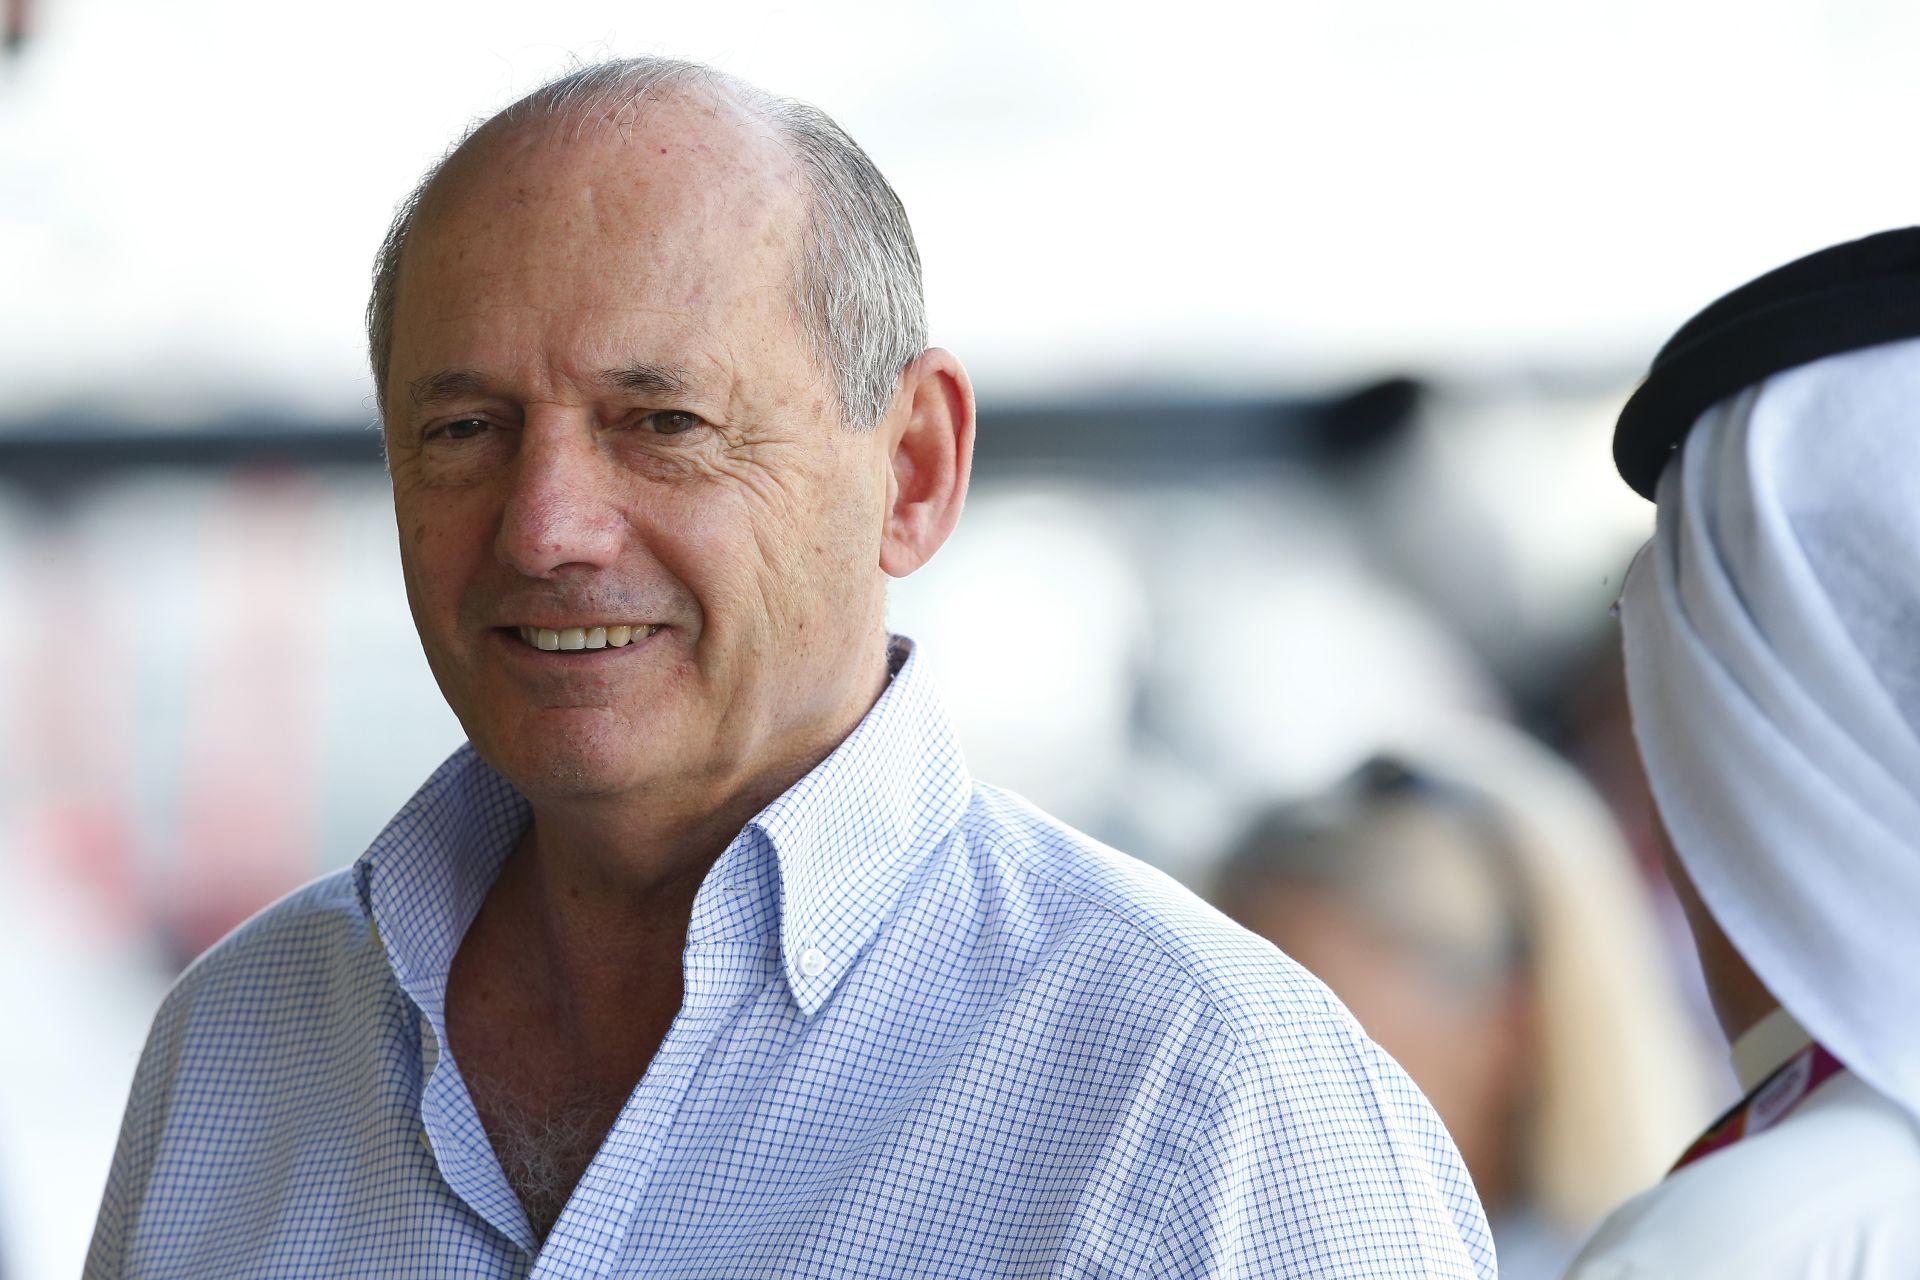 A McLaren elnöke, Ron Dennis vétózta meg a Red Bull-Hondát! Elmondta, hogy pontosan miért is...